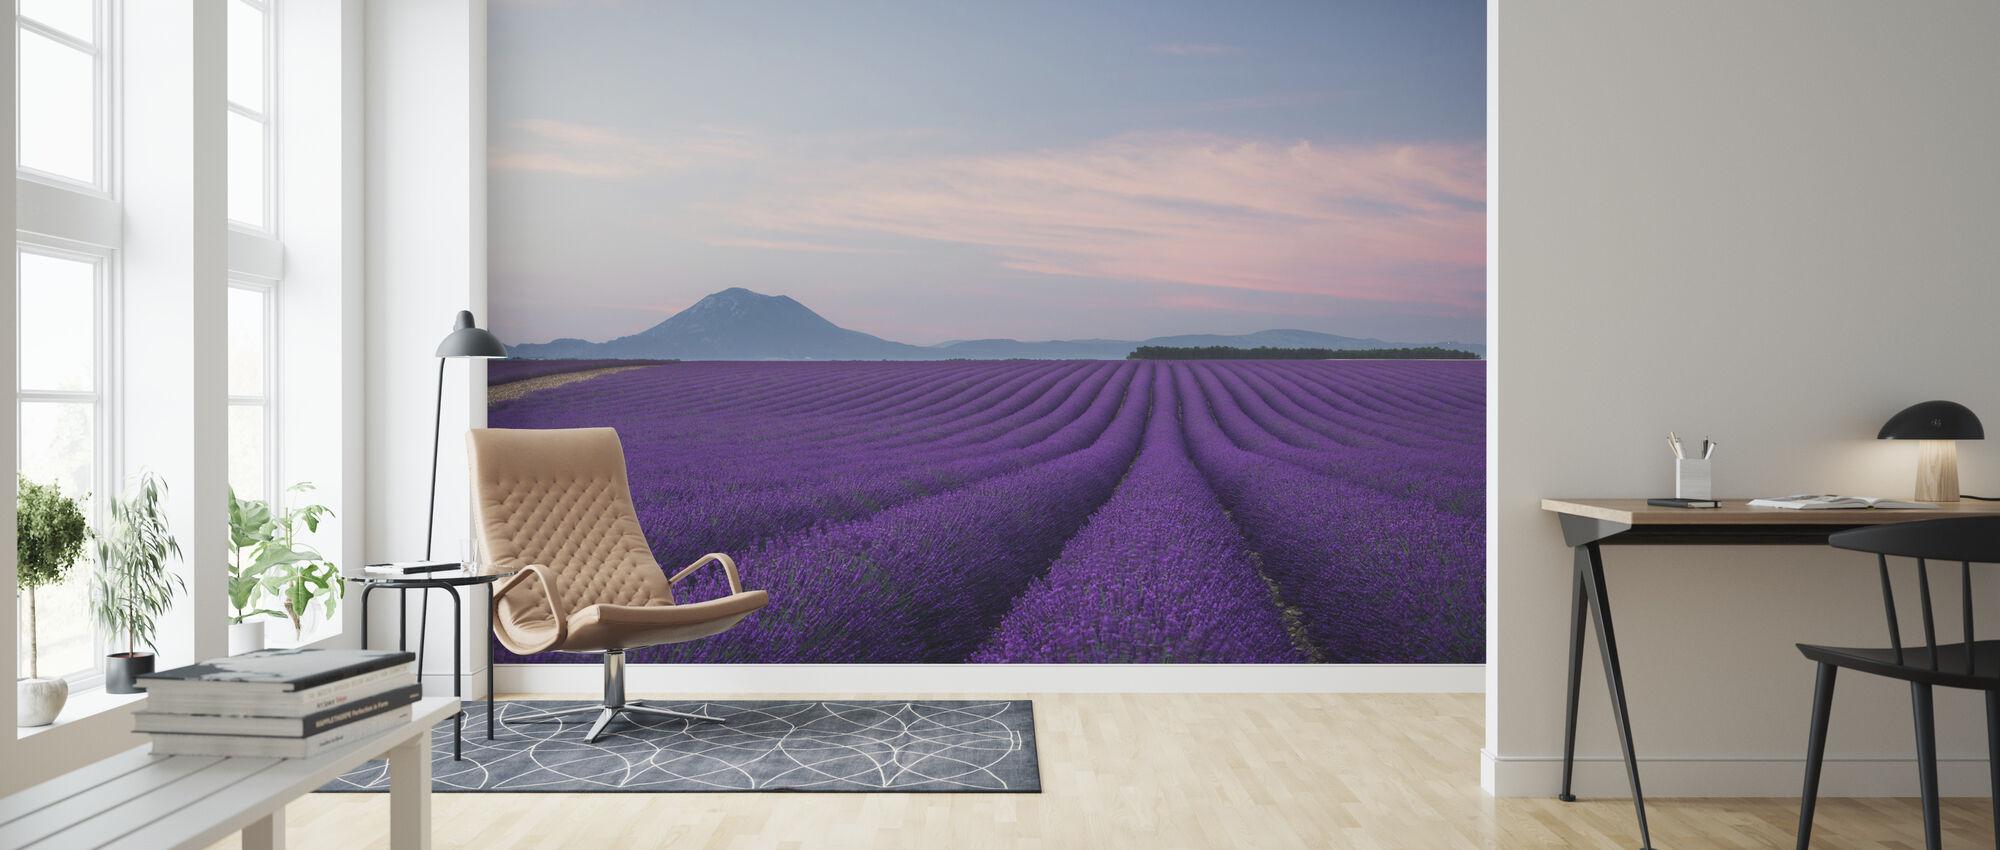 Lavender field - Wallpaper - Living Room